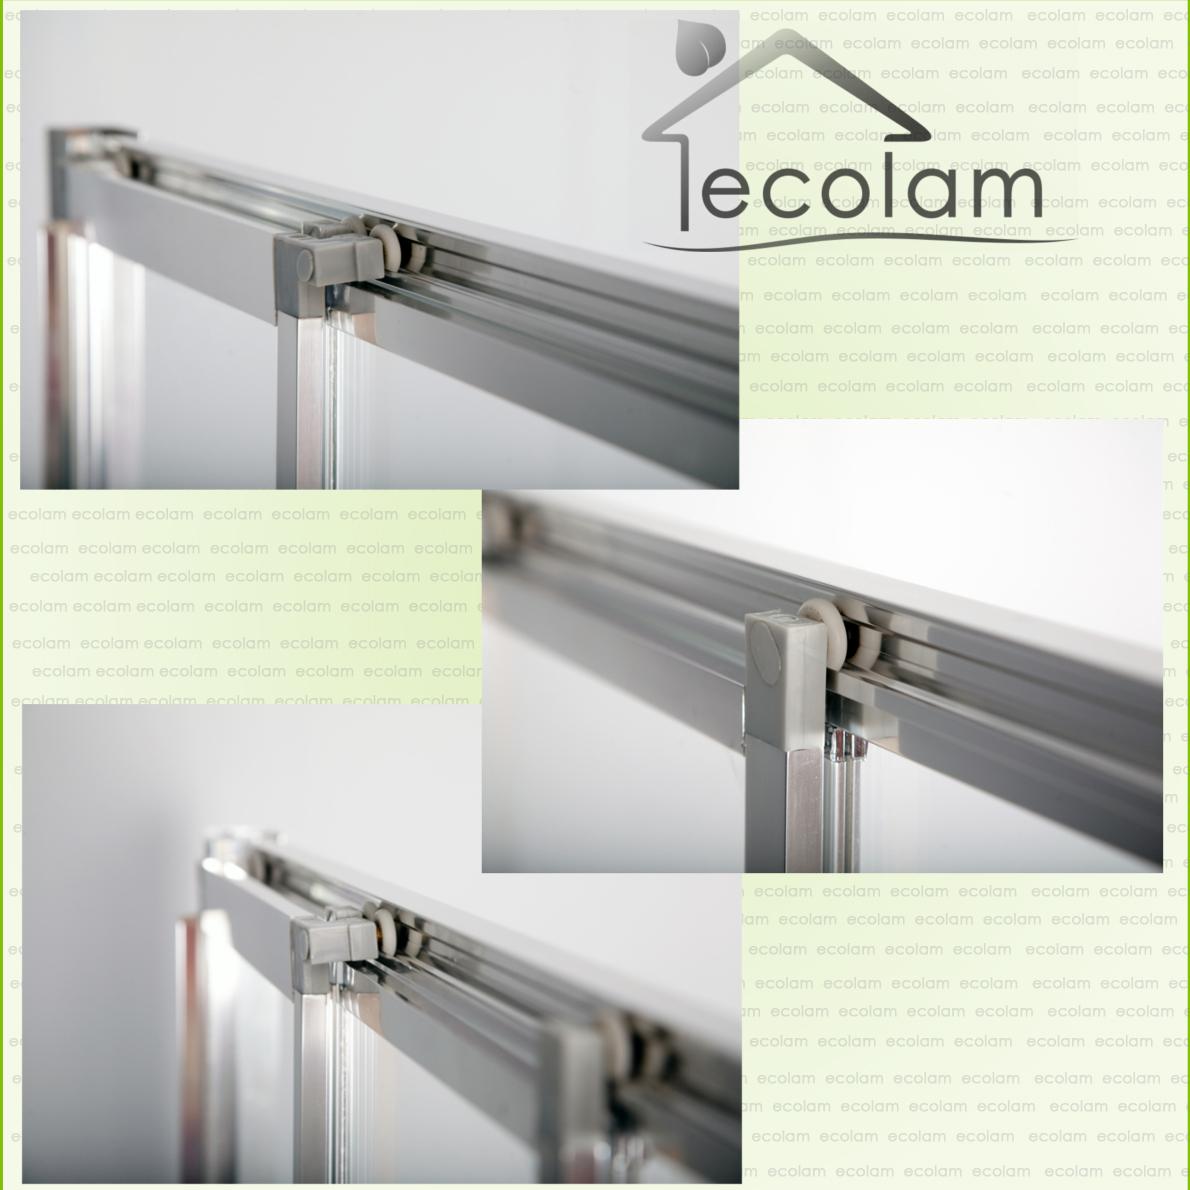 duschkabine duschwanne glaswand schiebet r echtglas 100 x 80 h he 185 cm ebay. Black Bedroom Furniture Sets. Home Design Ideas